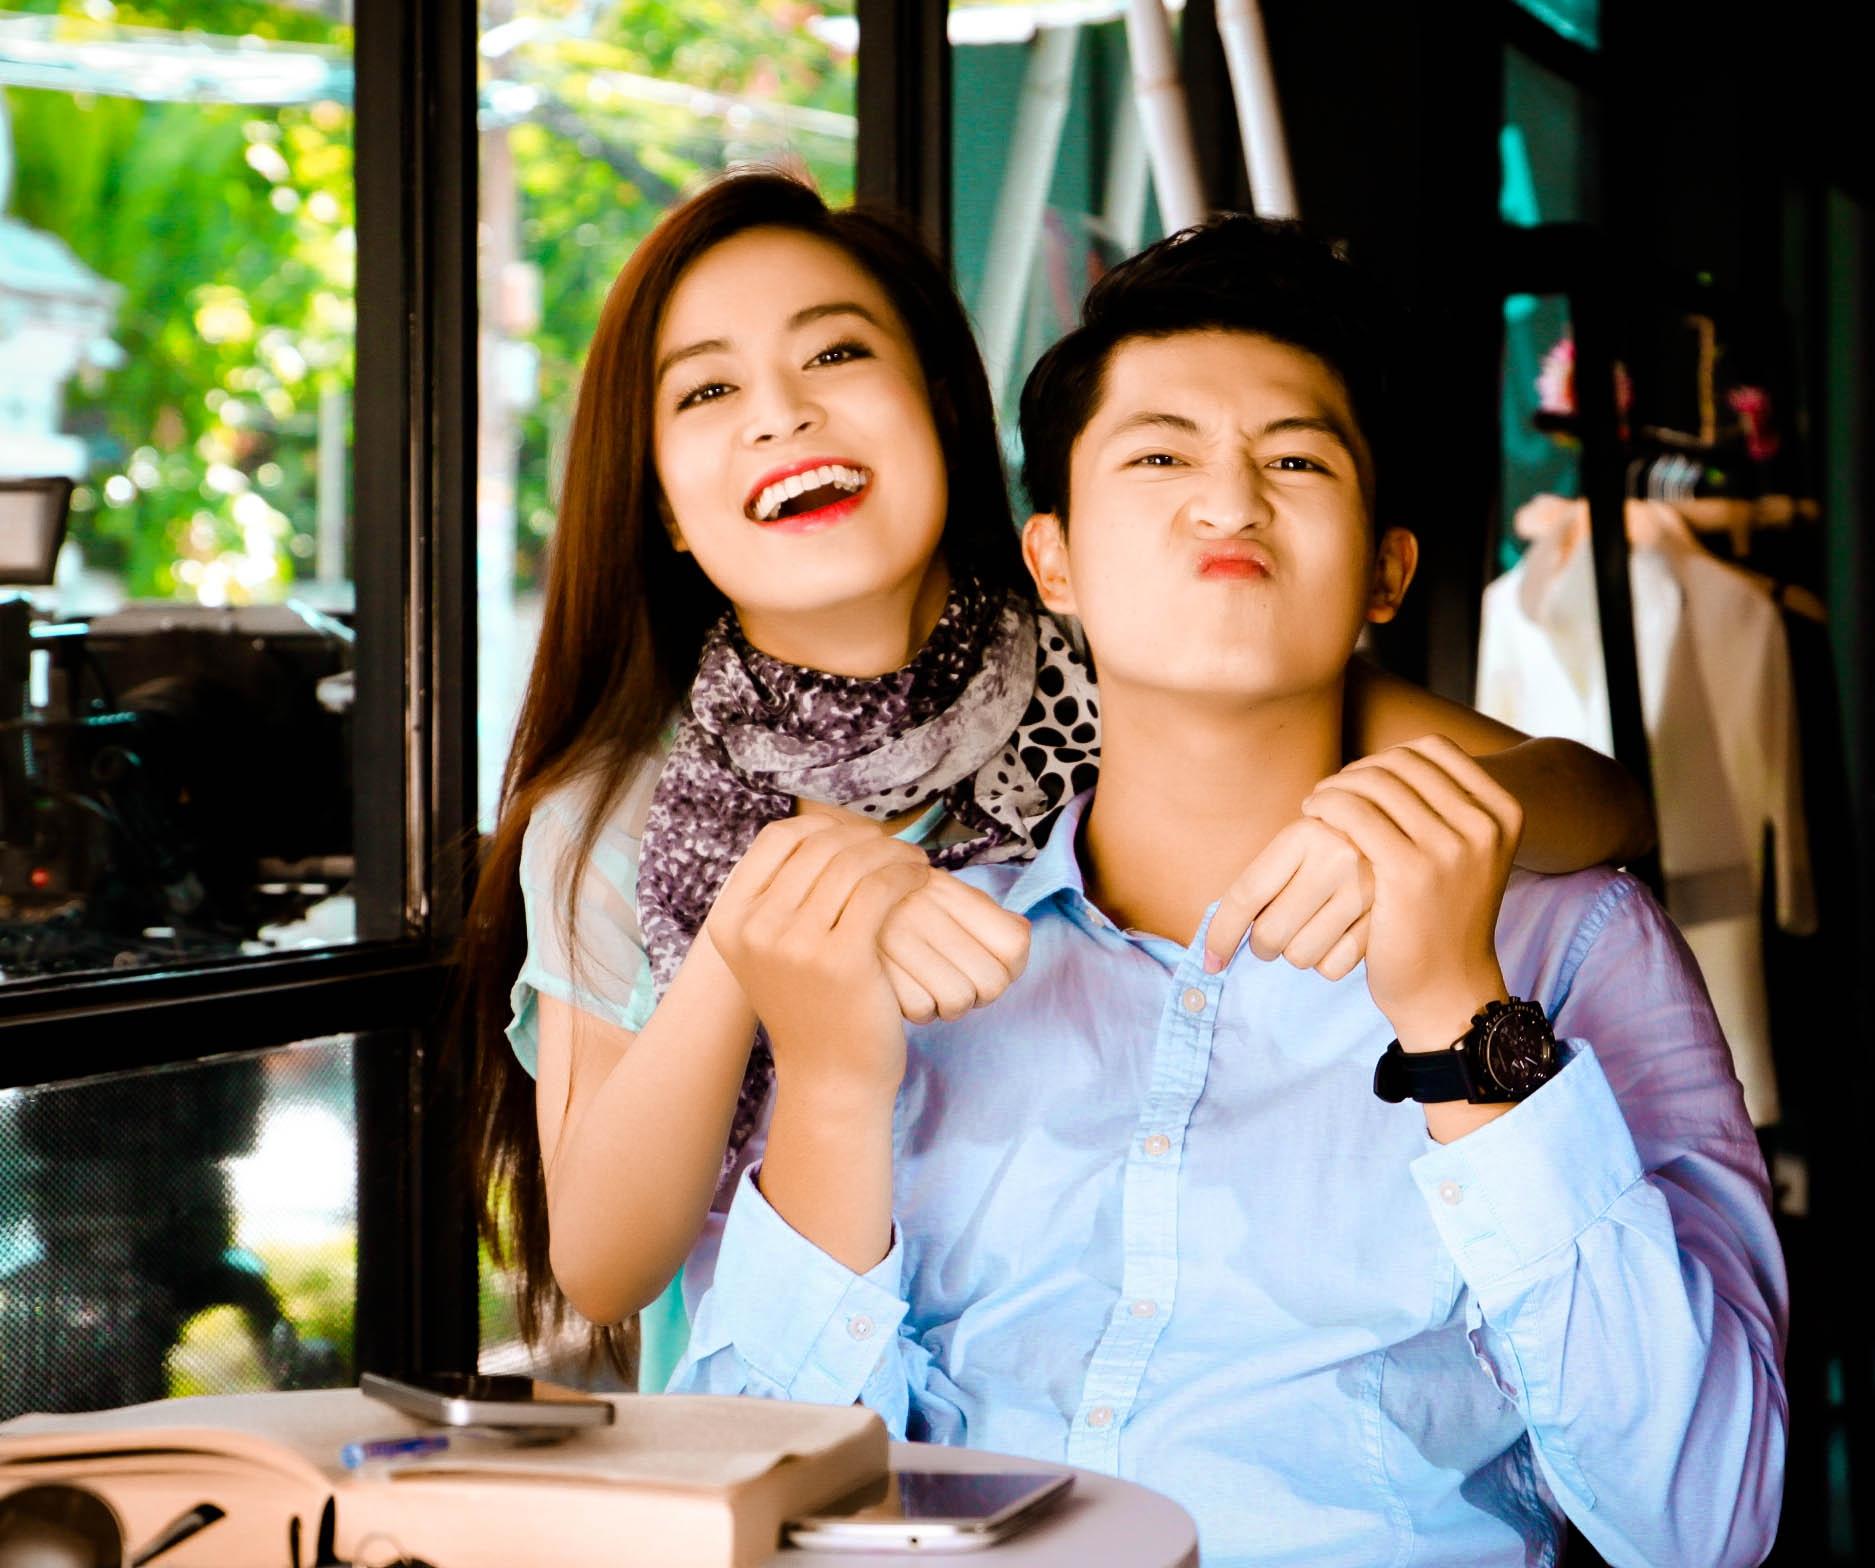 """Cặp đôi """"trong sáng"""" và cực kỳ đáng yêu - Tin sao Viet - Tin tuc sao Viet - Scandal sao Viet - Tin tuc cua Sao - Tin cua Sao"""